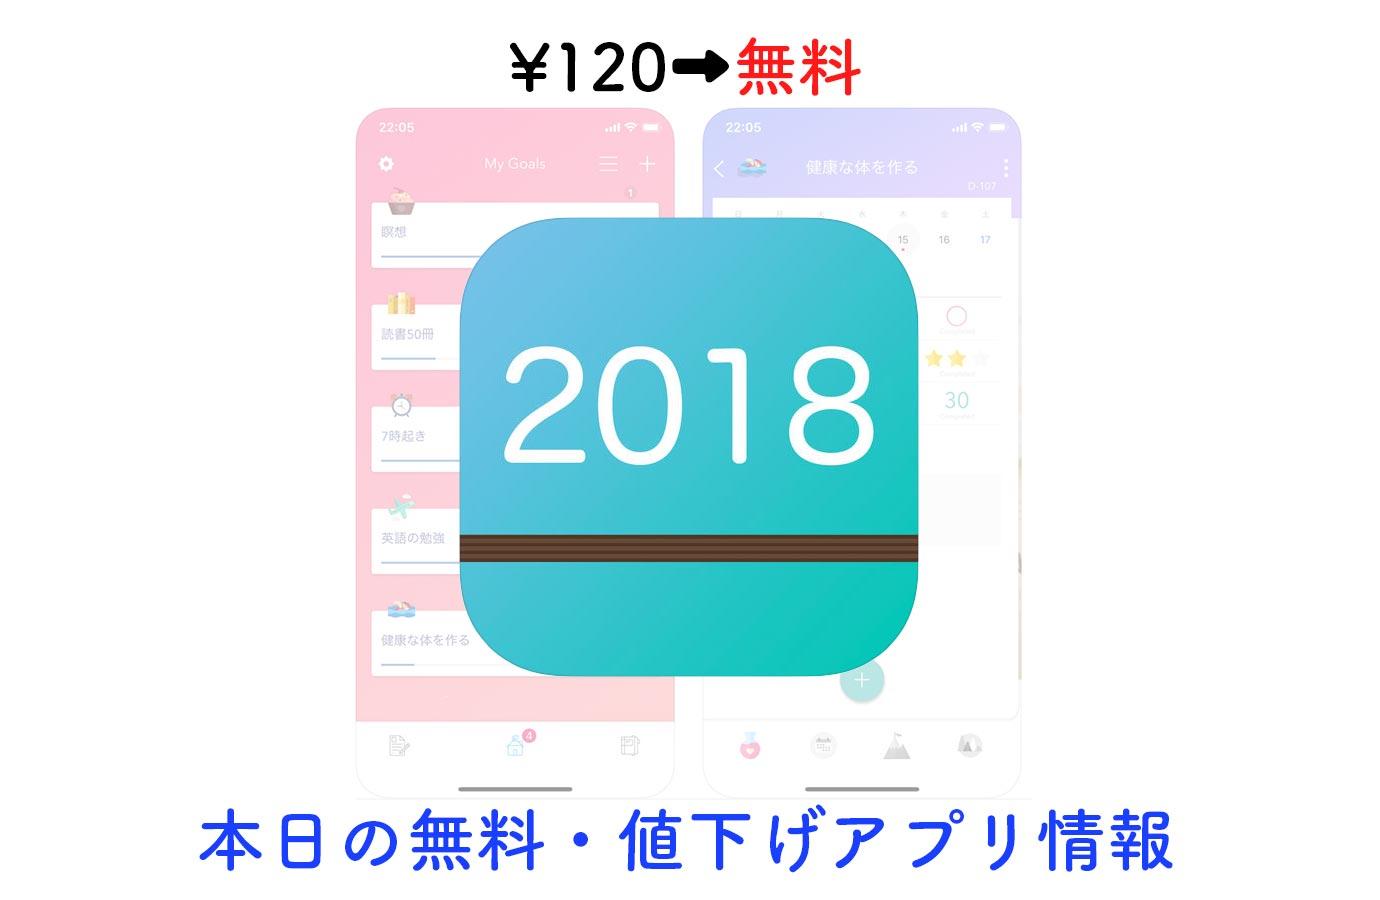 ¥120→無料、目標を達成できるようにサポートしてくれる日記アプリ「ウィプル ダイアリ」など【3/25】セールアプリ情報